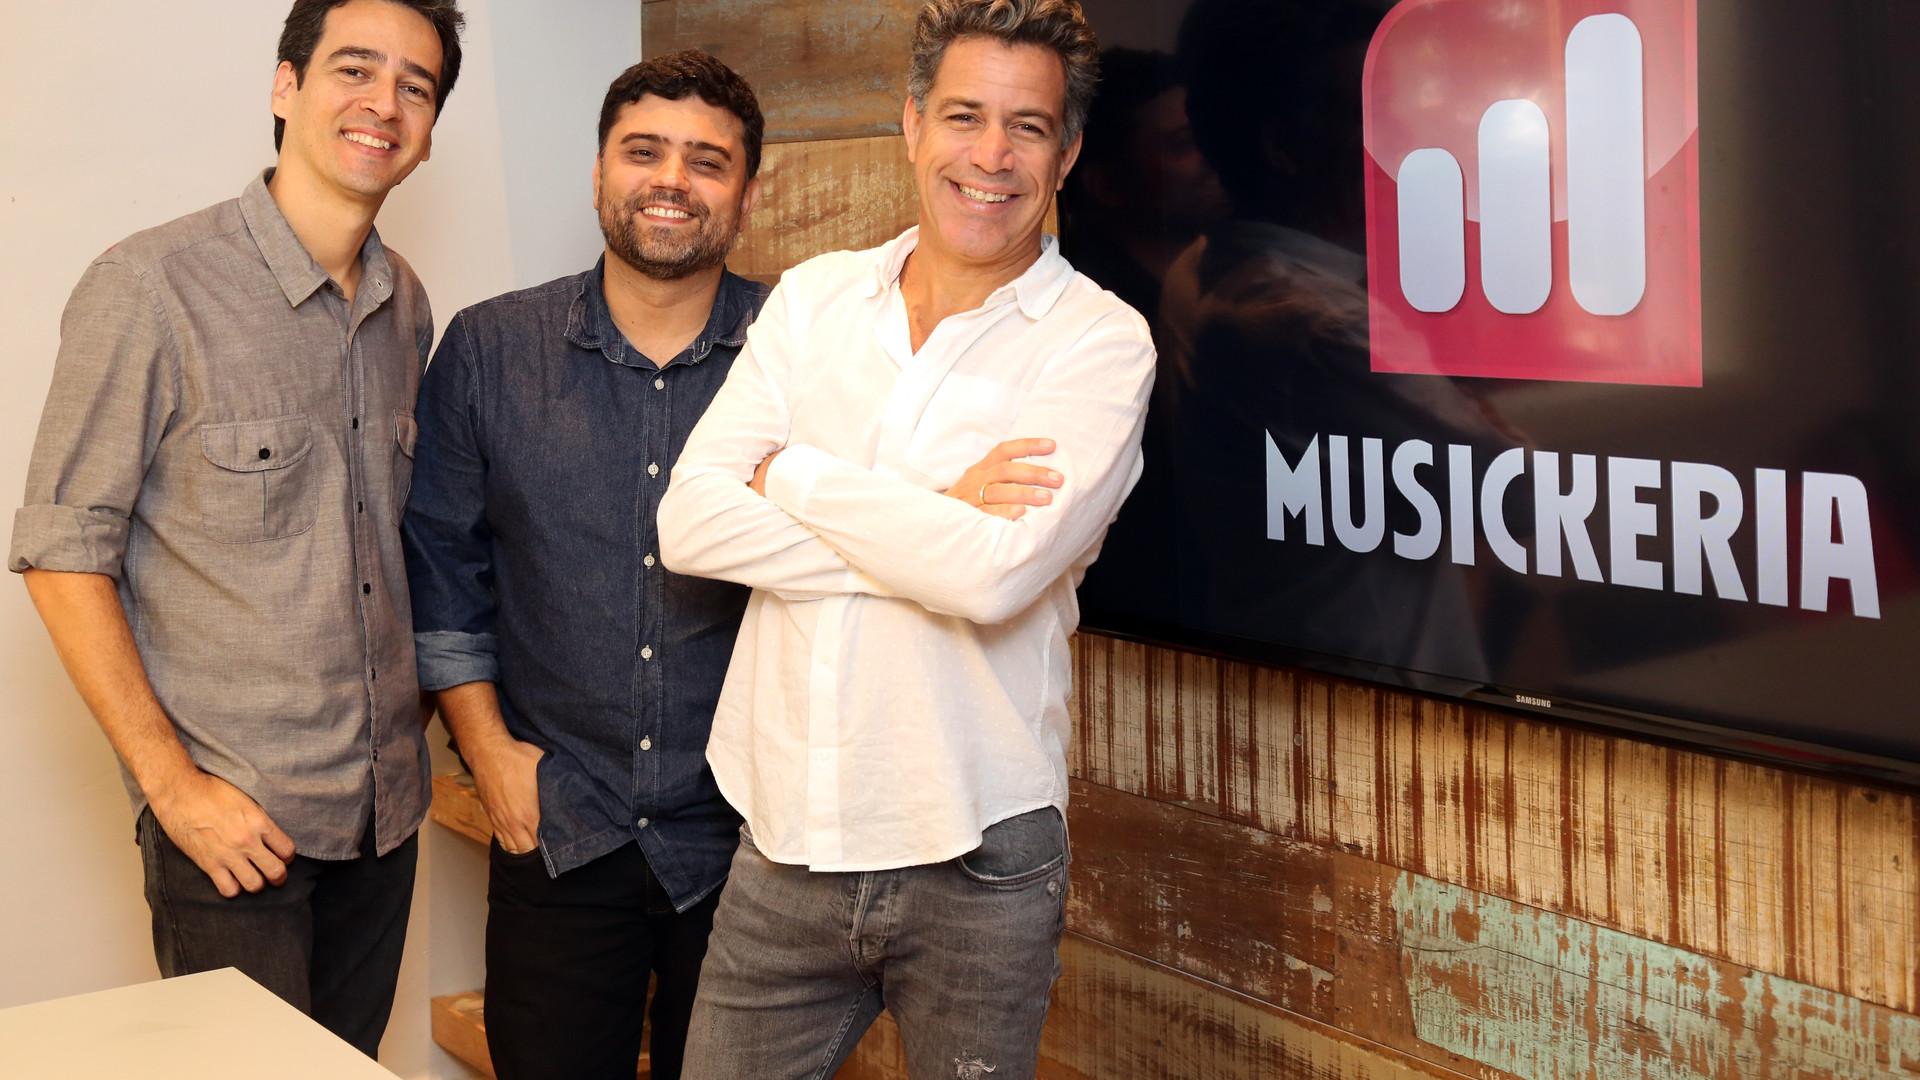 Afonso Carvalho, Flavio Pinheiro e Luiz Calainho